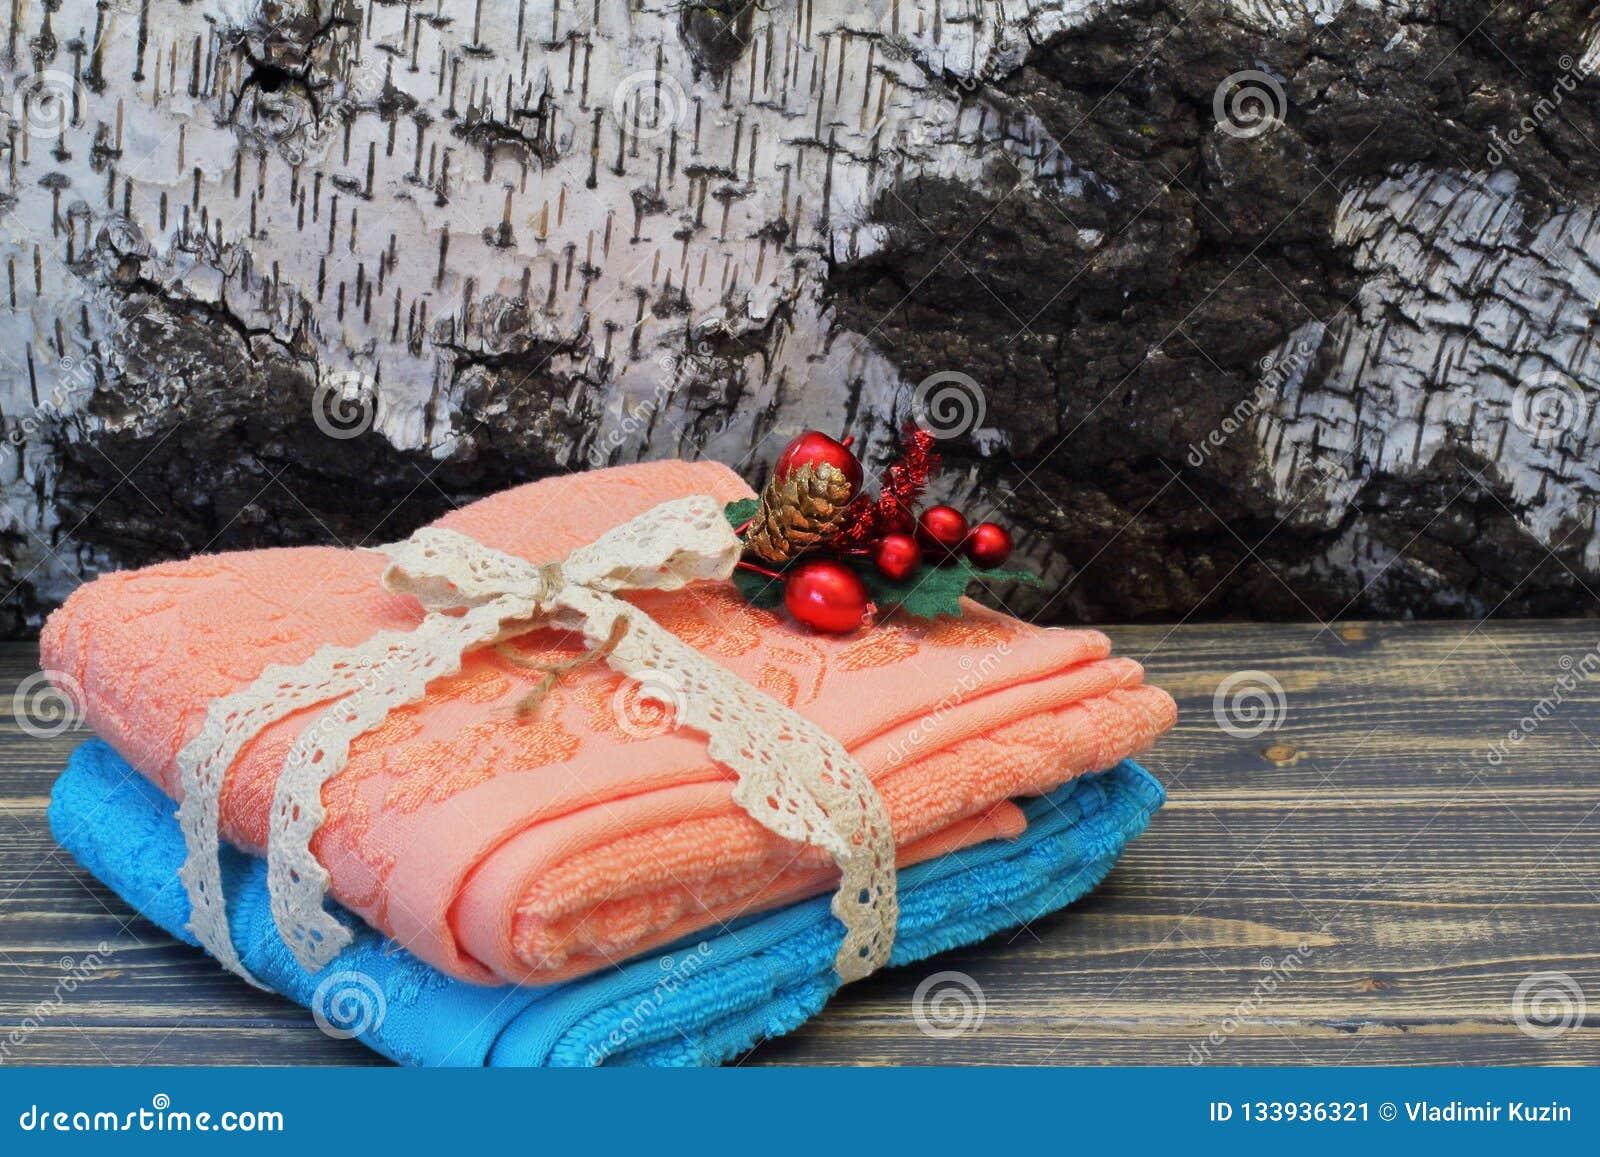 Toallas azules y rosadas del algodón atadas con una trenza a cielo abierto y un ramo hermoso decorativo contra la perspectiva de